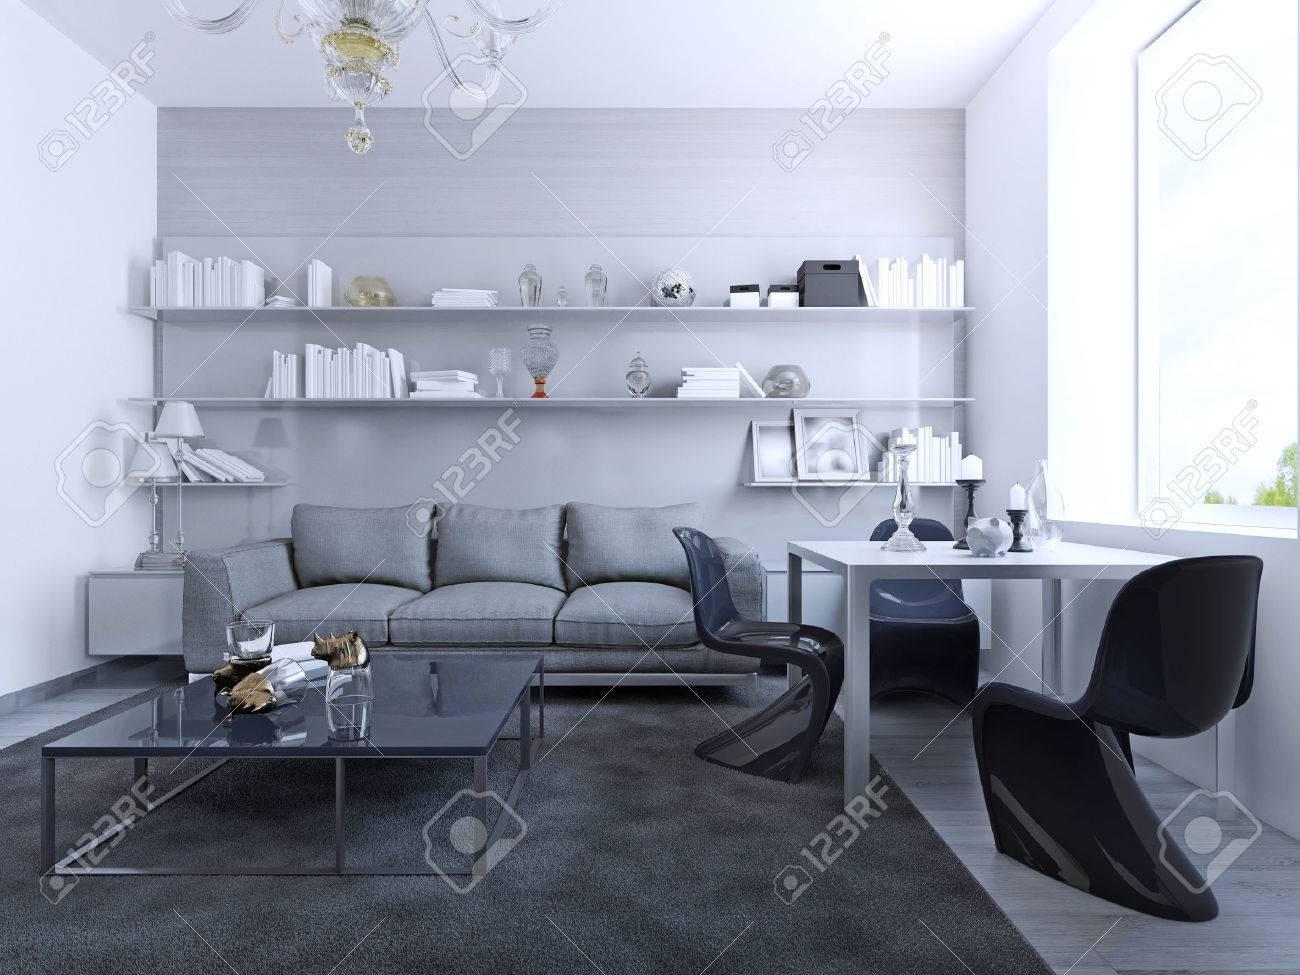 Mit Blick Auf Wohnzimmer Mit Esstisch. Modernes Design Aus ...